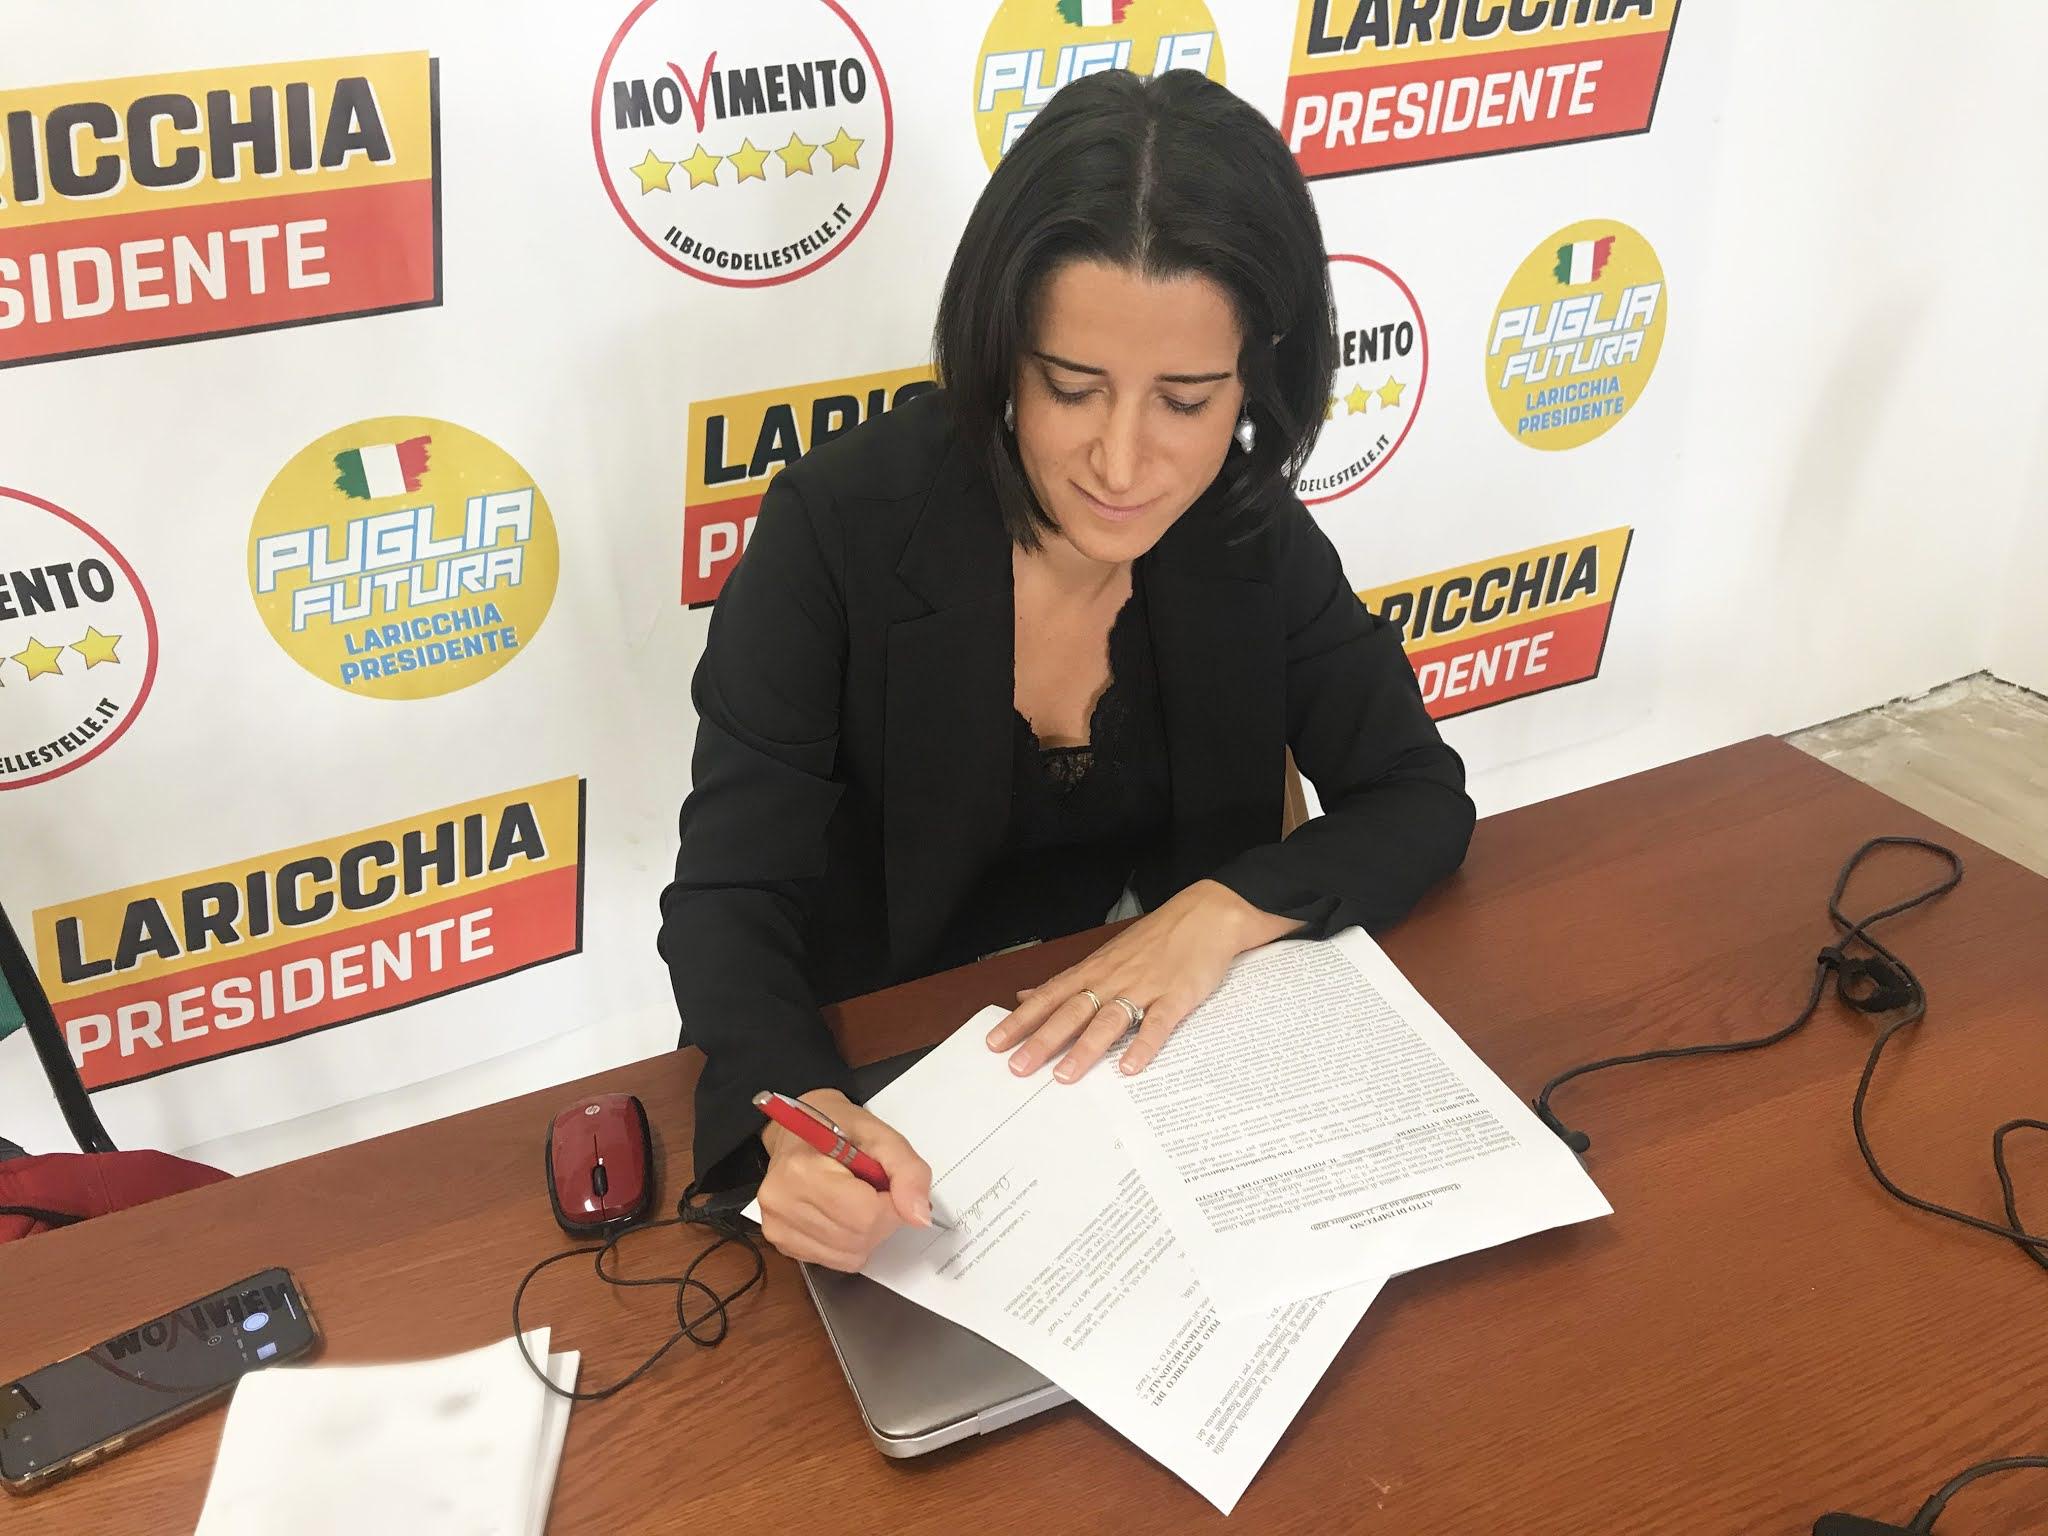 Polo Pediatrico del Salento. Laricchia sottoscrive l'impegno dell'associazione Tria Corda Onlus per attivarlo a un anno dall'insediamento